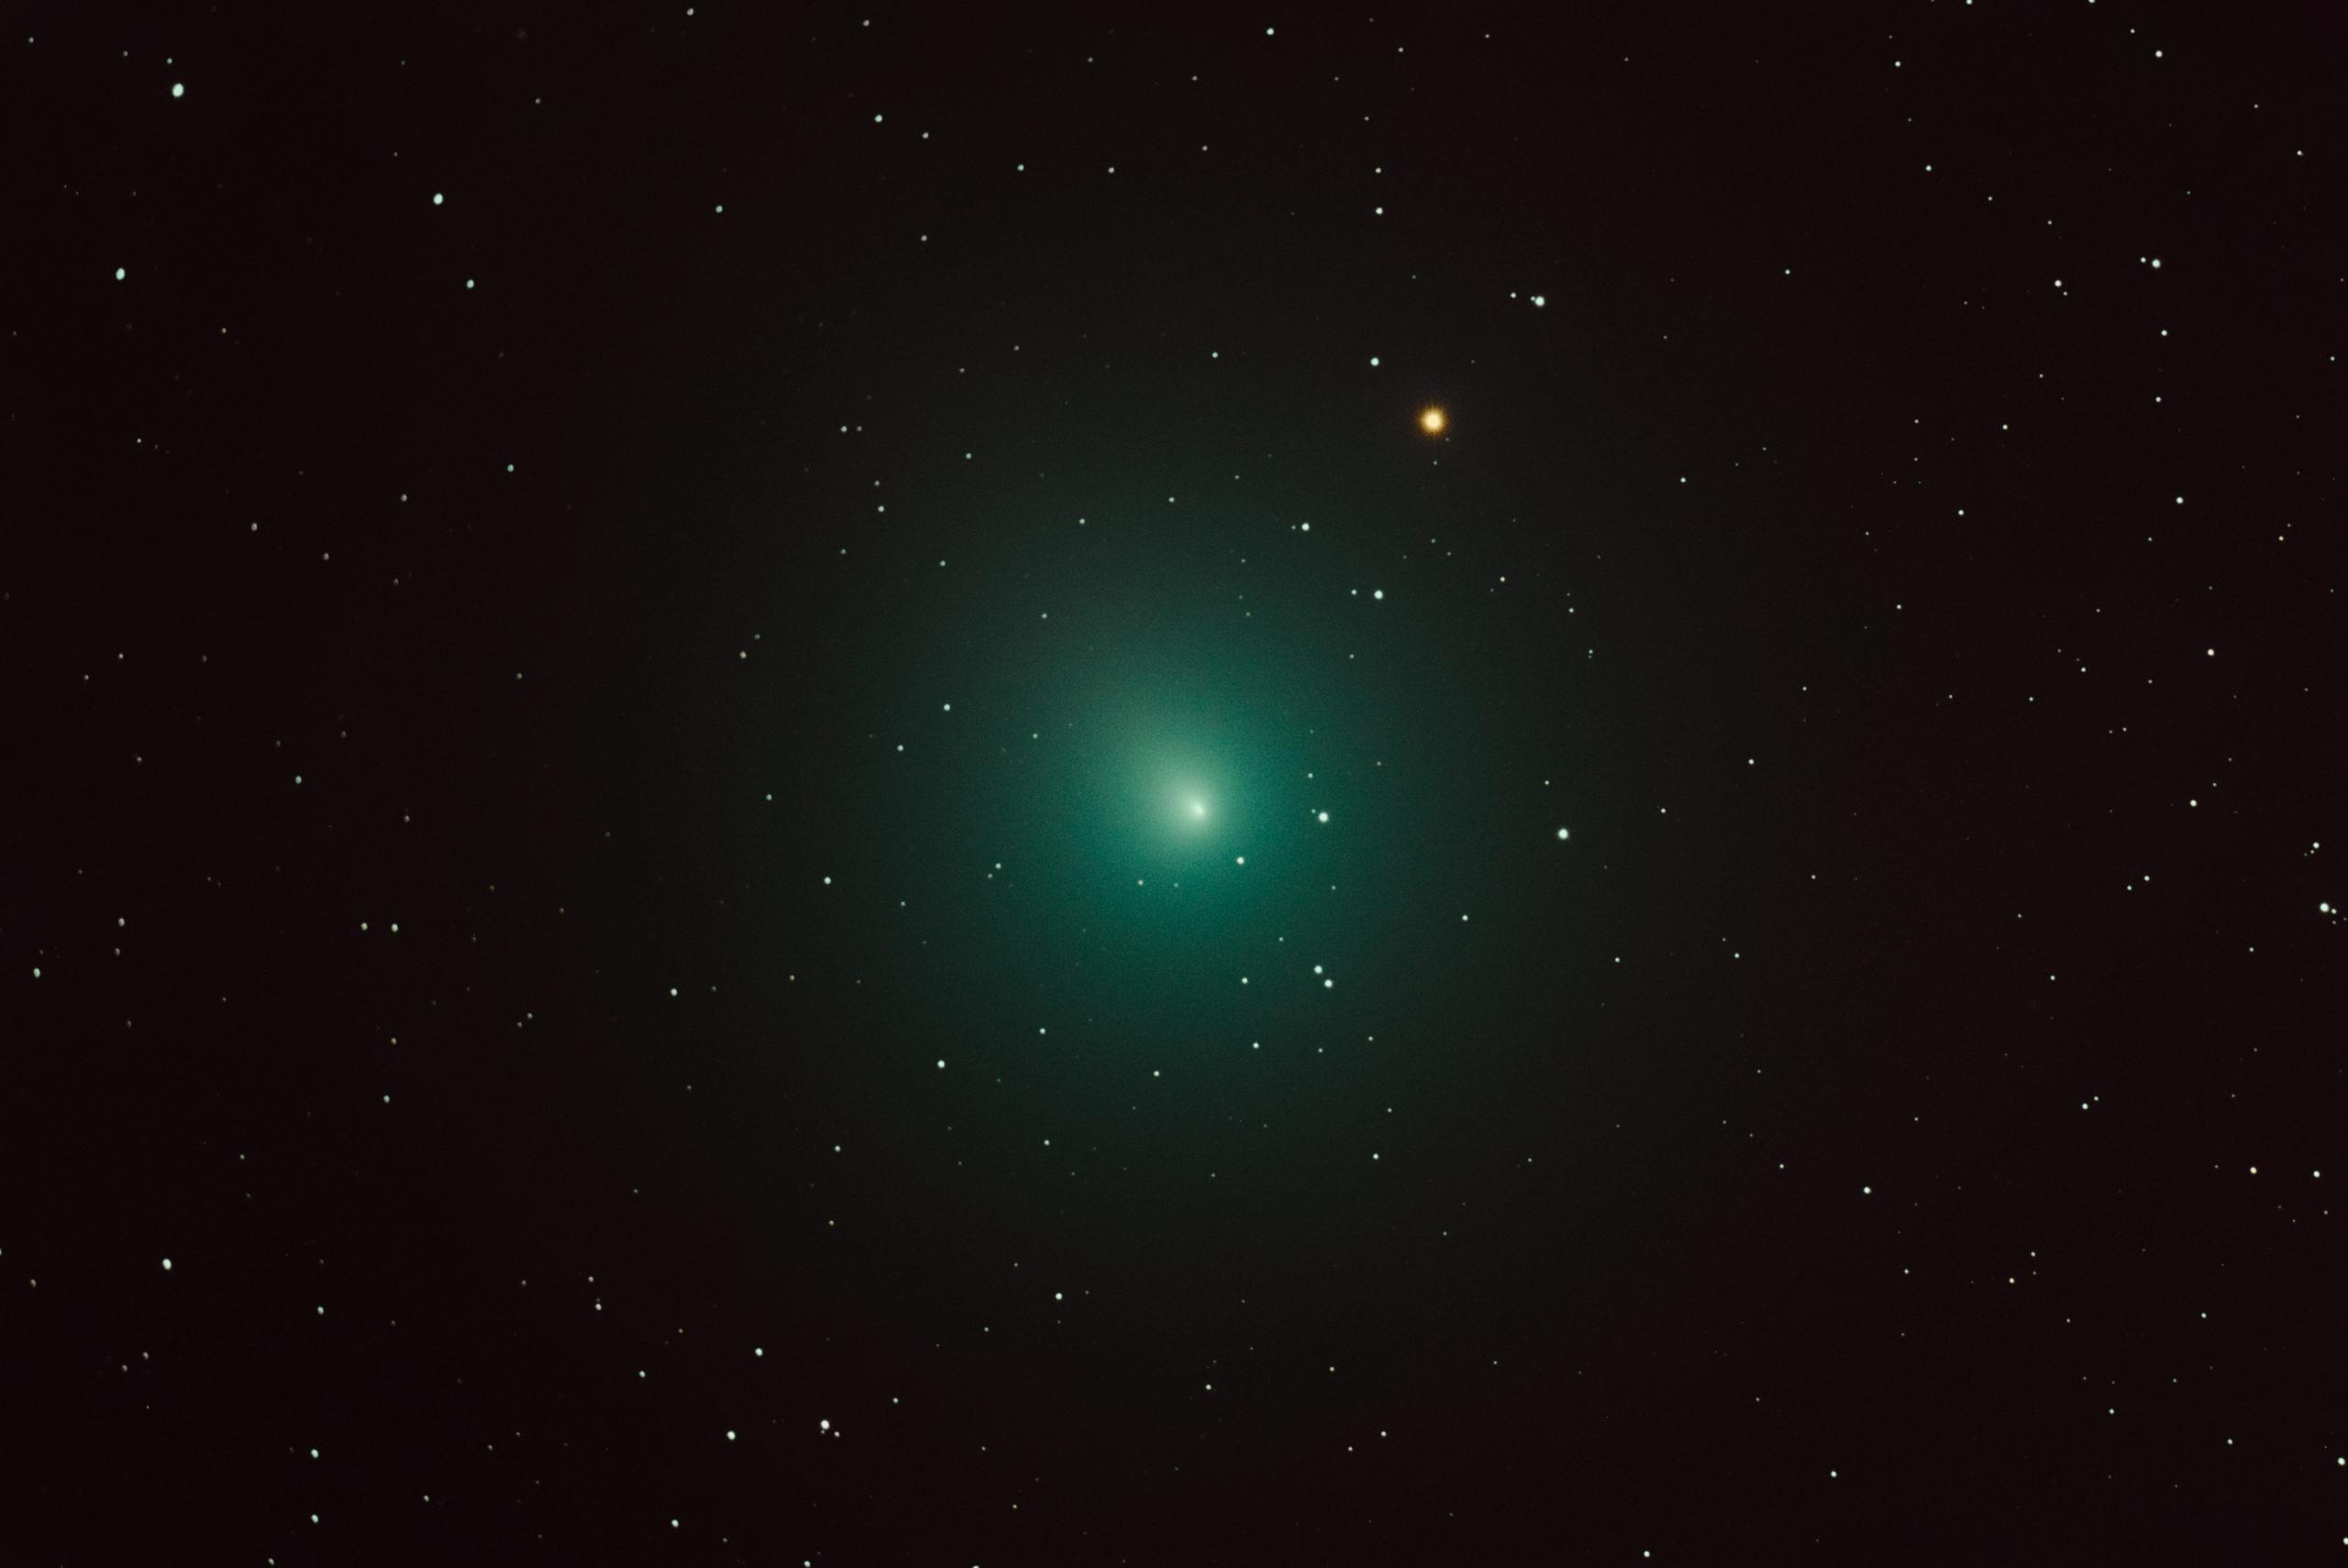 <p>Imagen óptica del cometa 46P / Wirtanen tomada desde Chiefland, Florida, el 4 de diciembre de 2018. Detalles de la cámara: cámara Canon 6D, telescopio astrógrafo MN190mm. Crédito: Derek Demeter, Emil Buehler Planetarium</p>